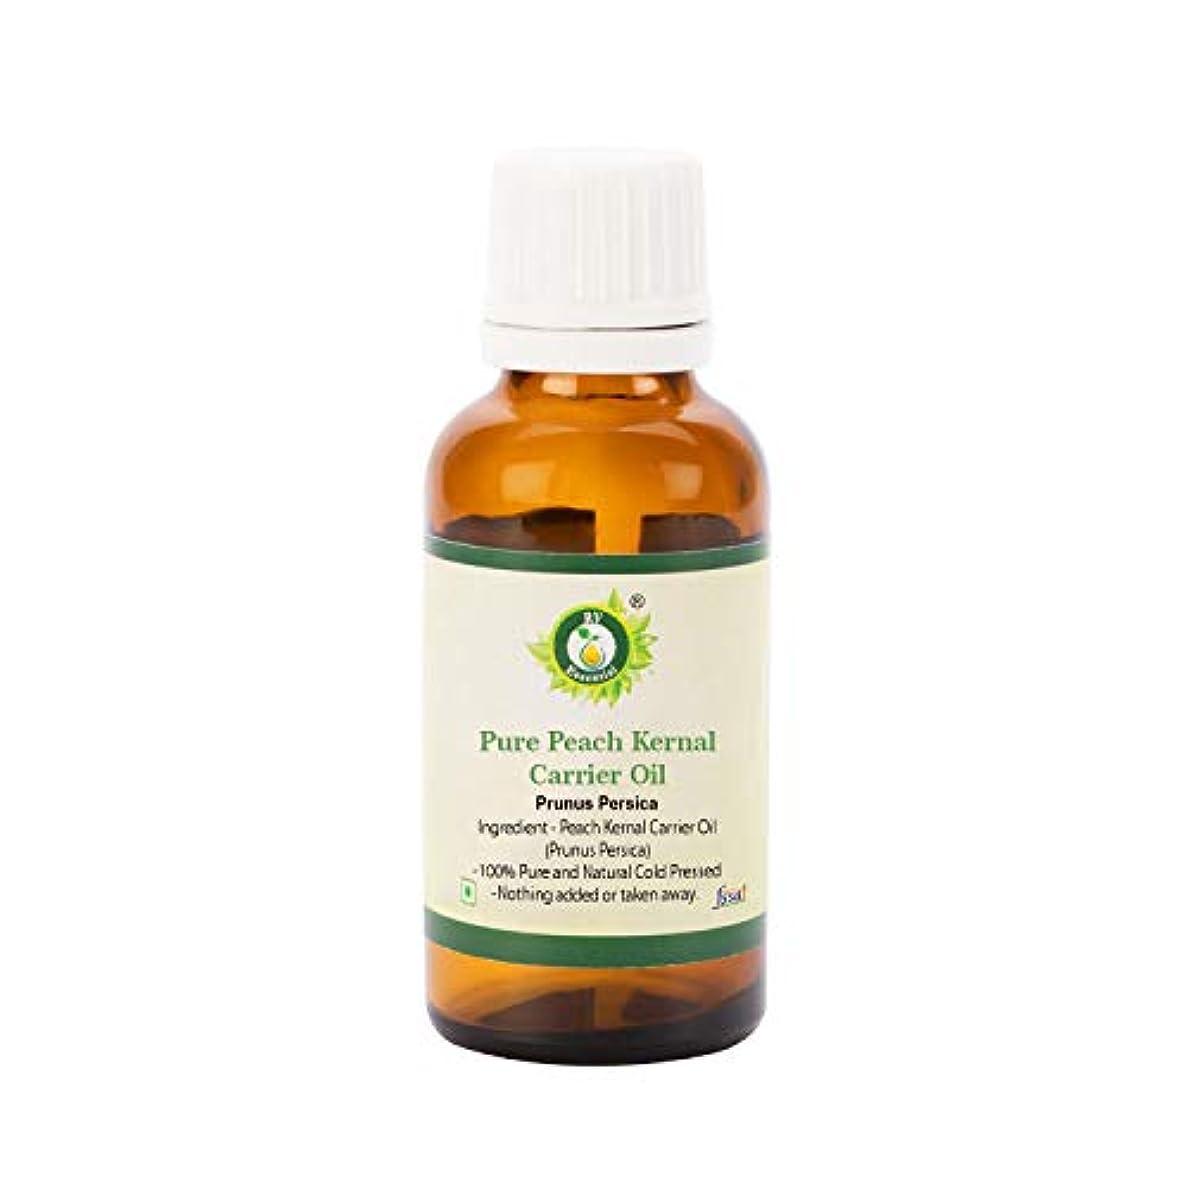 純粋な日光描くR V Essential ピュアピーチ Kernalキャリアオイル15ml (0.507oz)- Prunus Persica (100%ピュア&ナチュラルコールドPressed) Pure Peach Kernal...